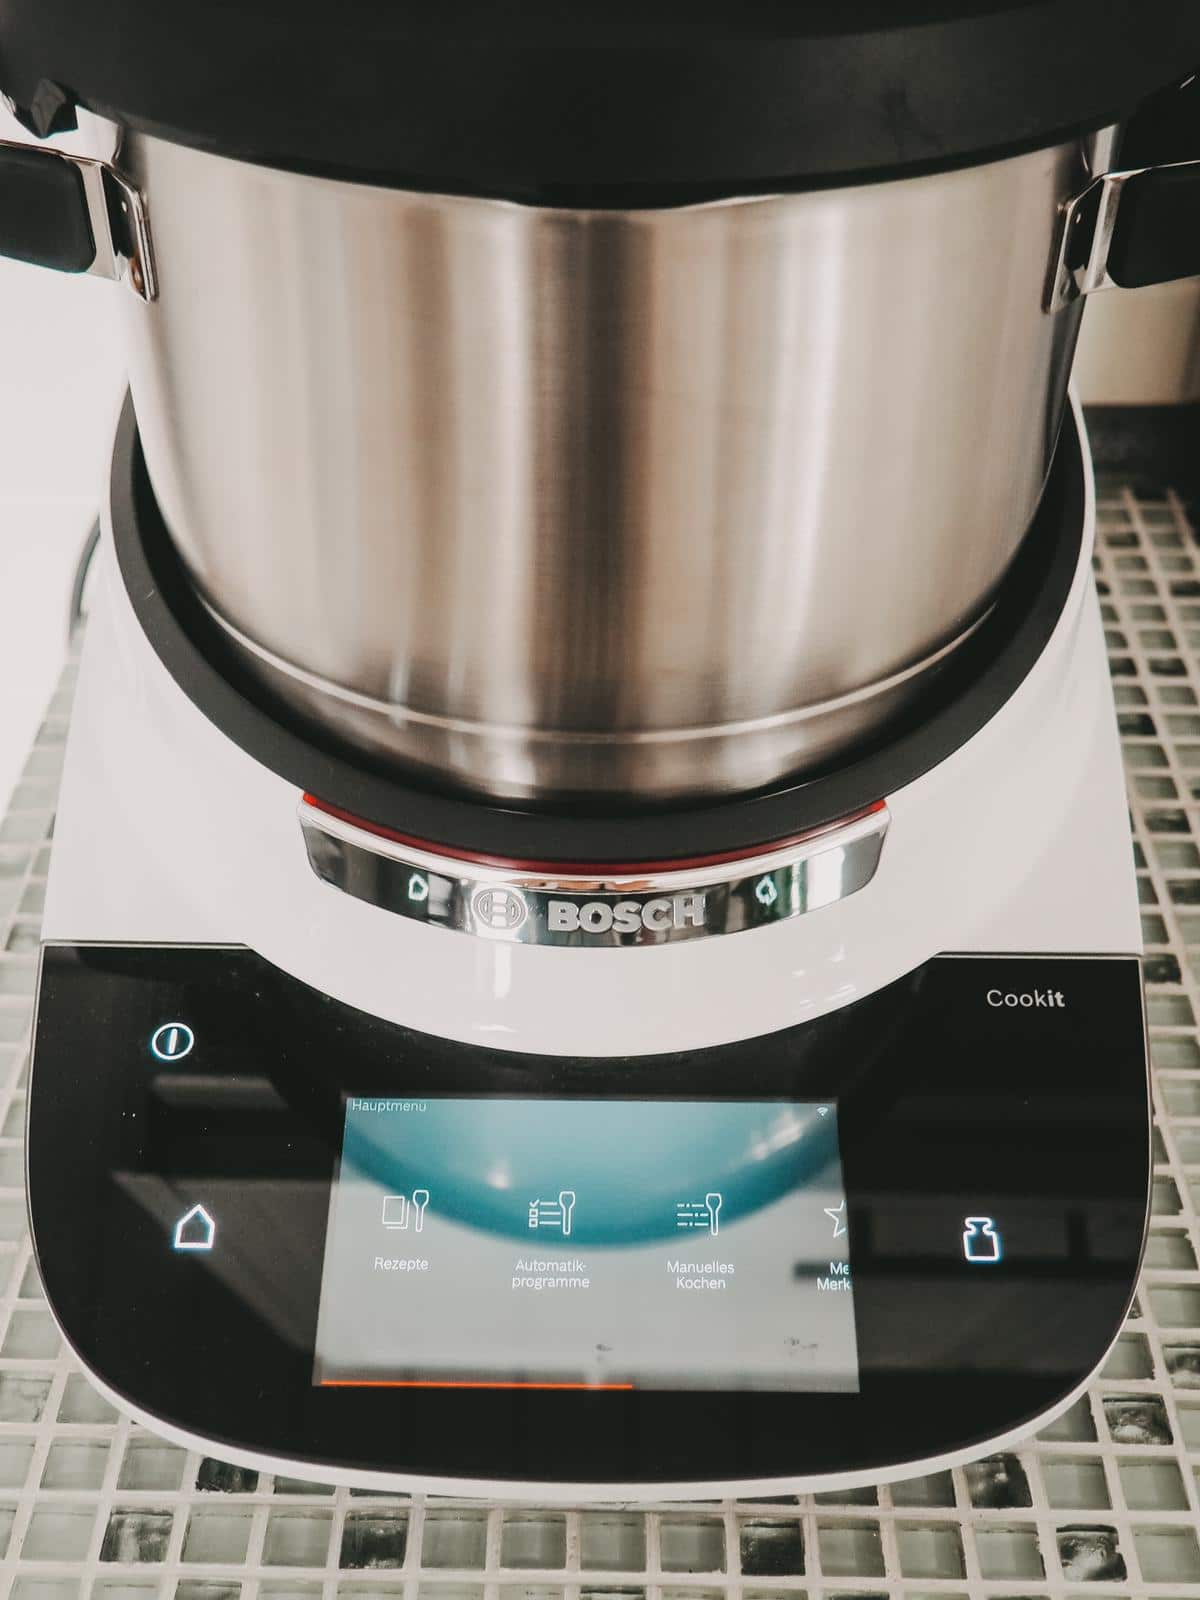 Das große Display vom Bosch Cookit